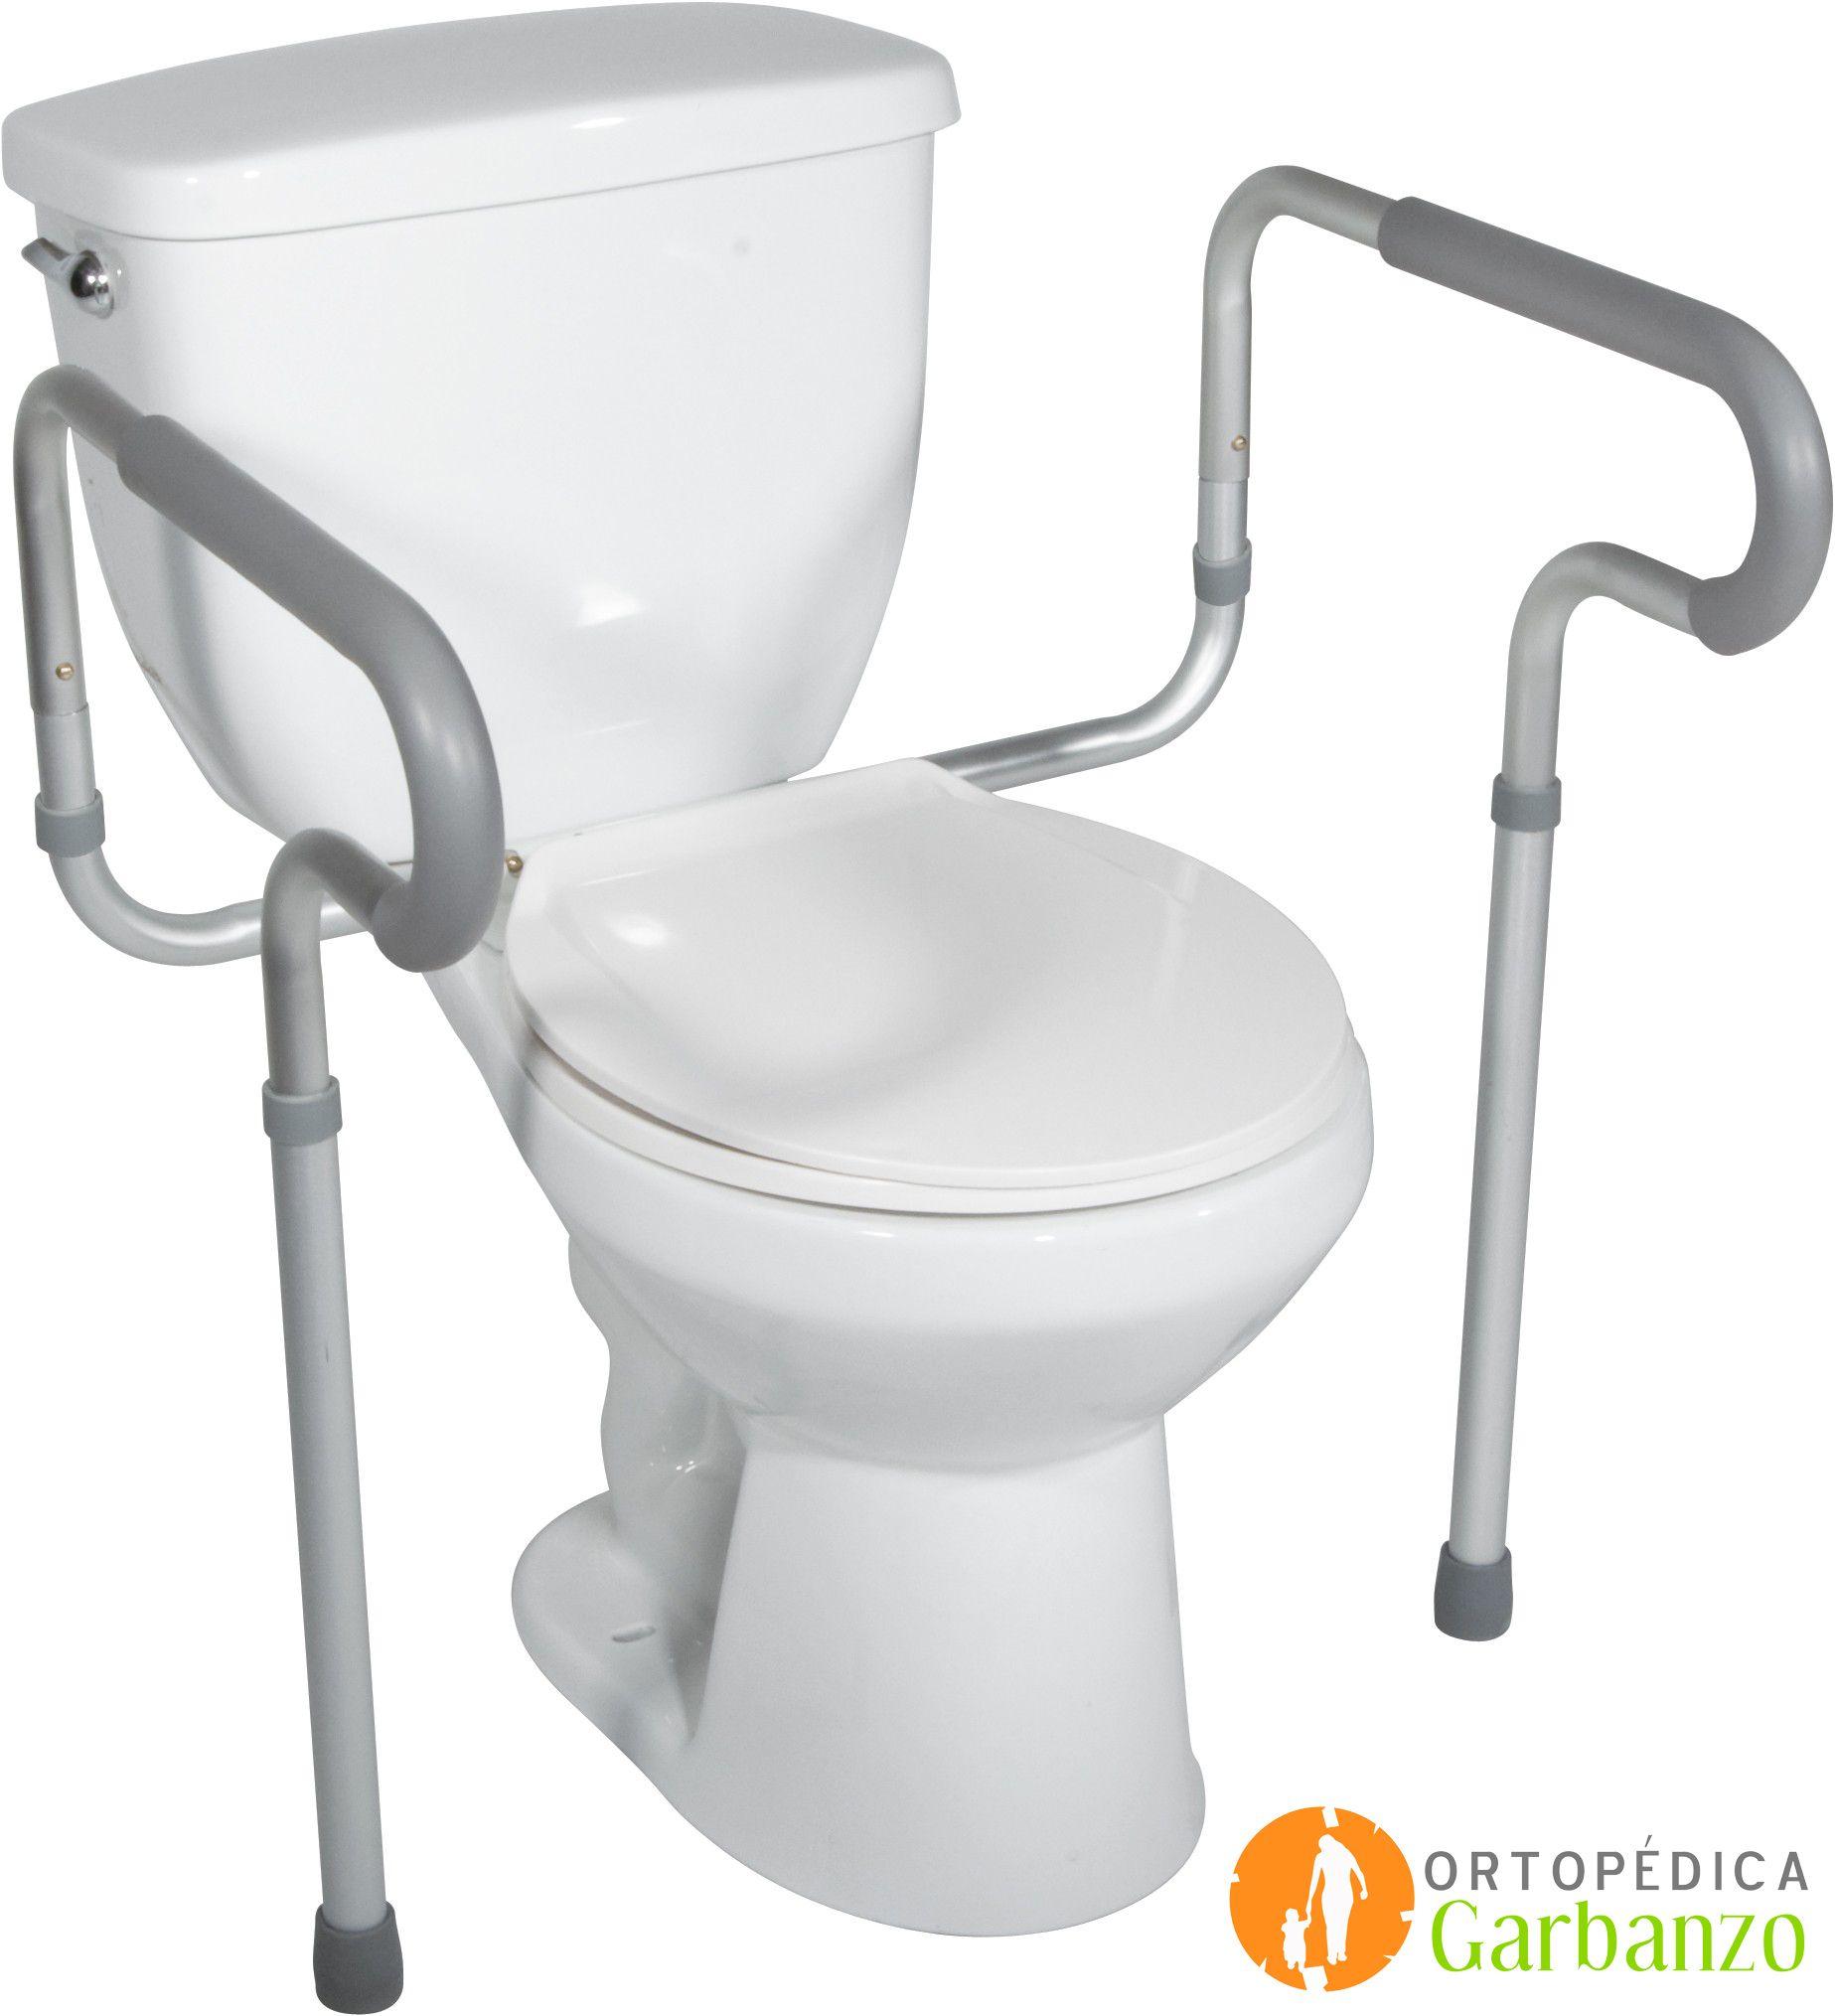 49 Años De Experiencia Baño Para Discapacitados Seguridad En El Baño Cuidados En El Hogar